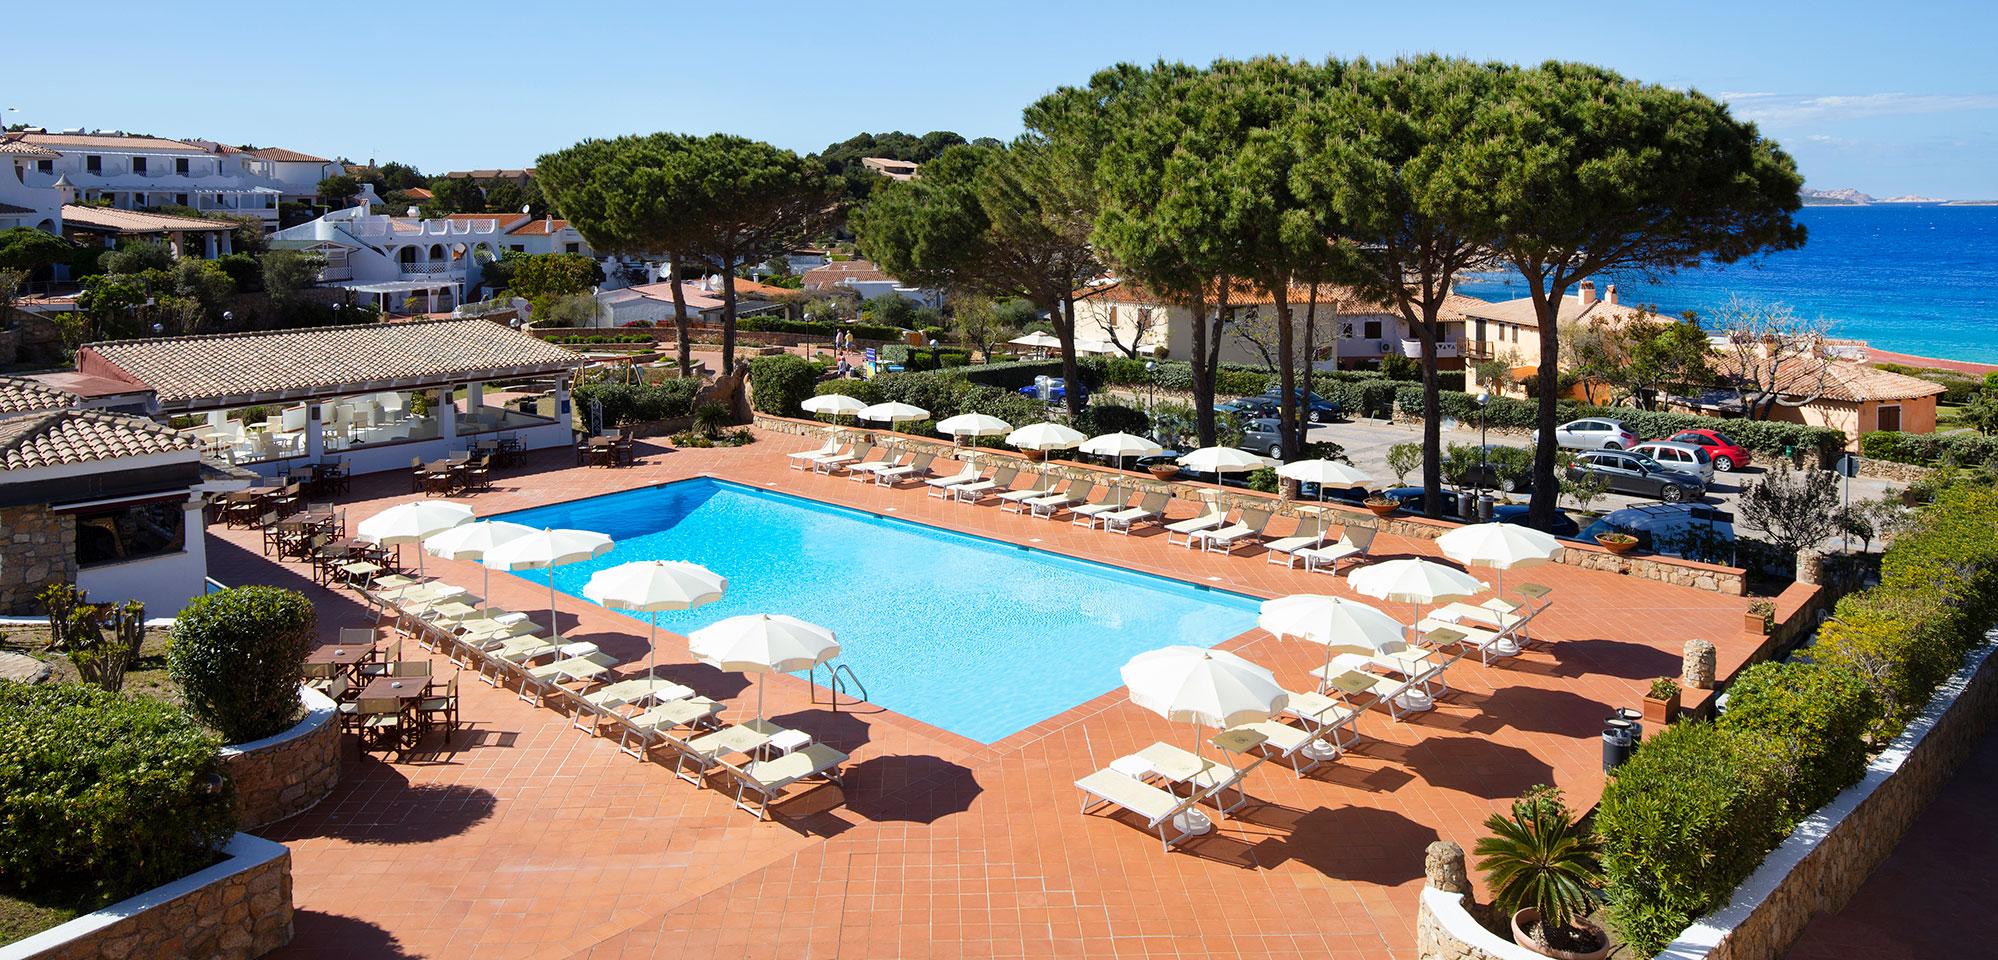 Photo Gallery Nicolaus Hotel Club Il Cormorano